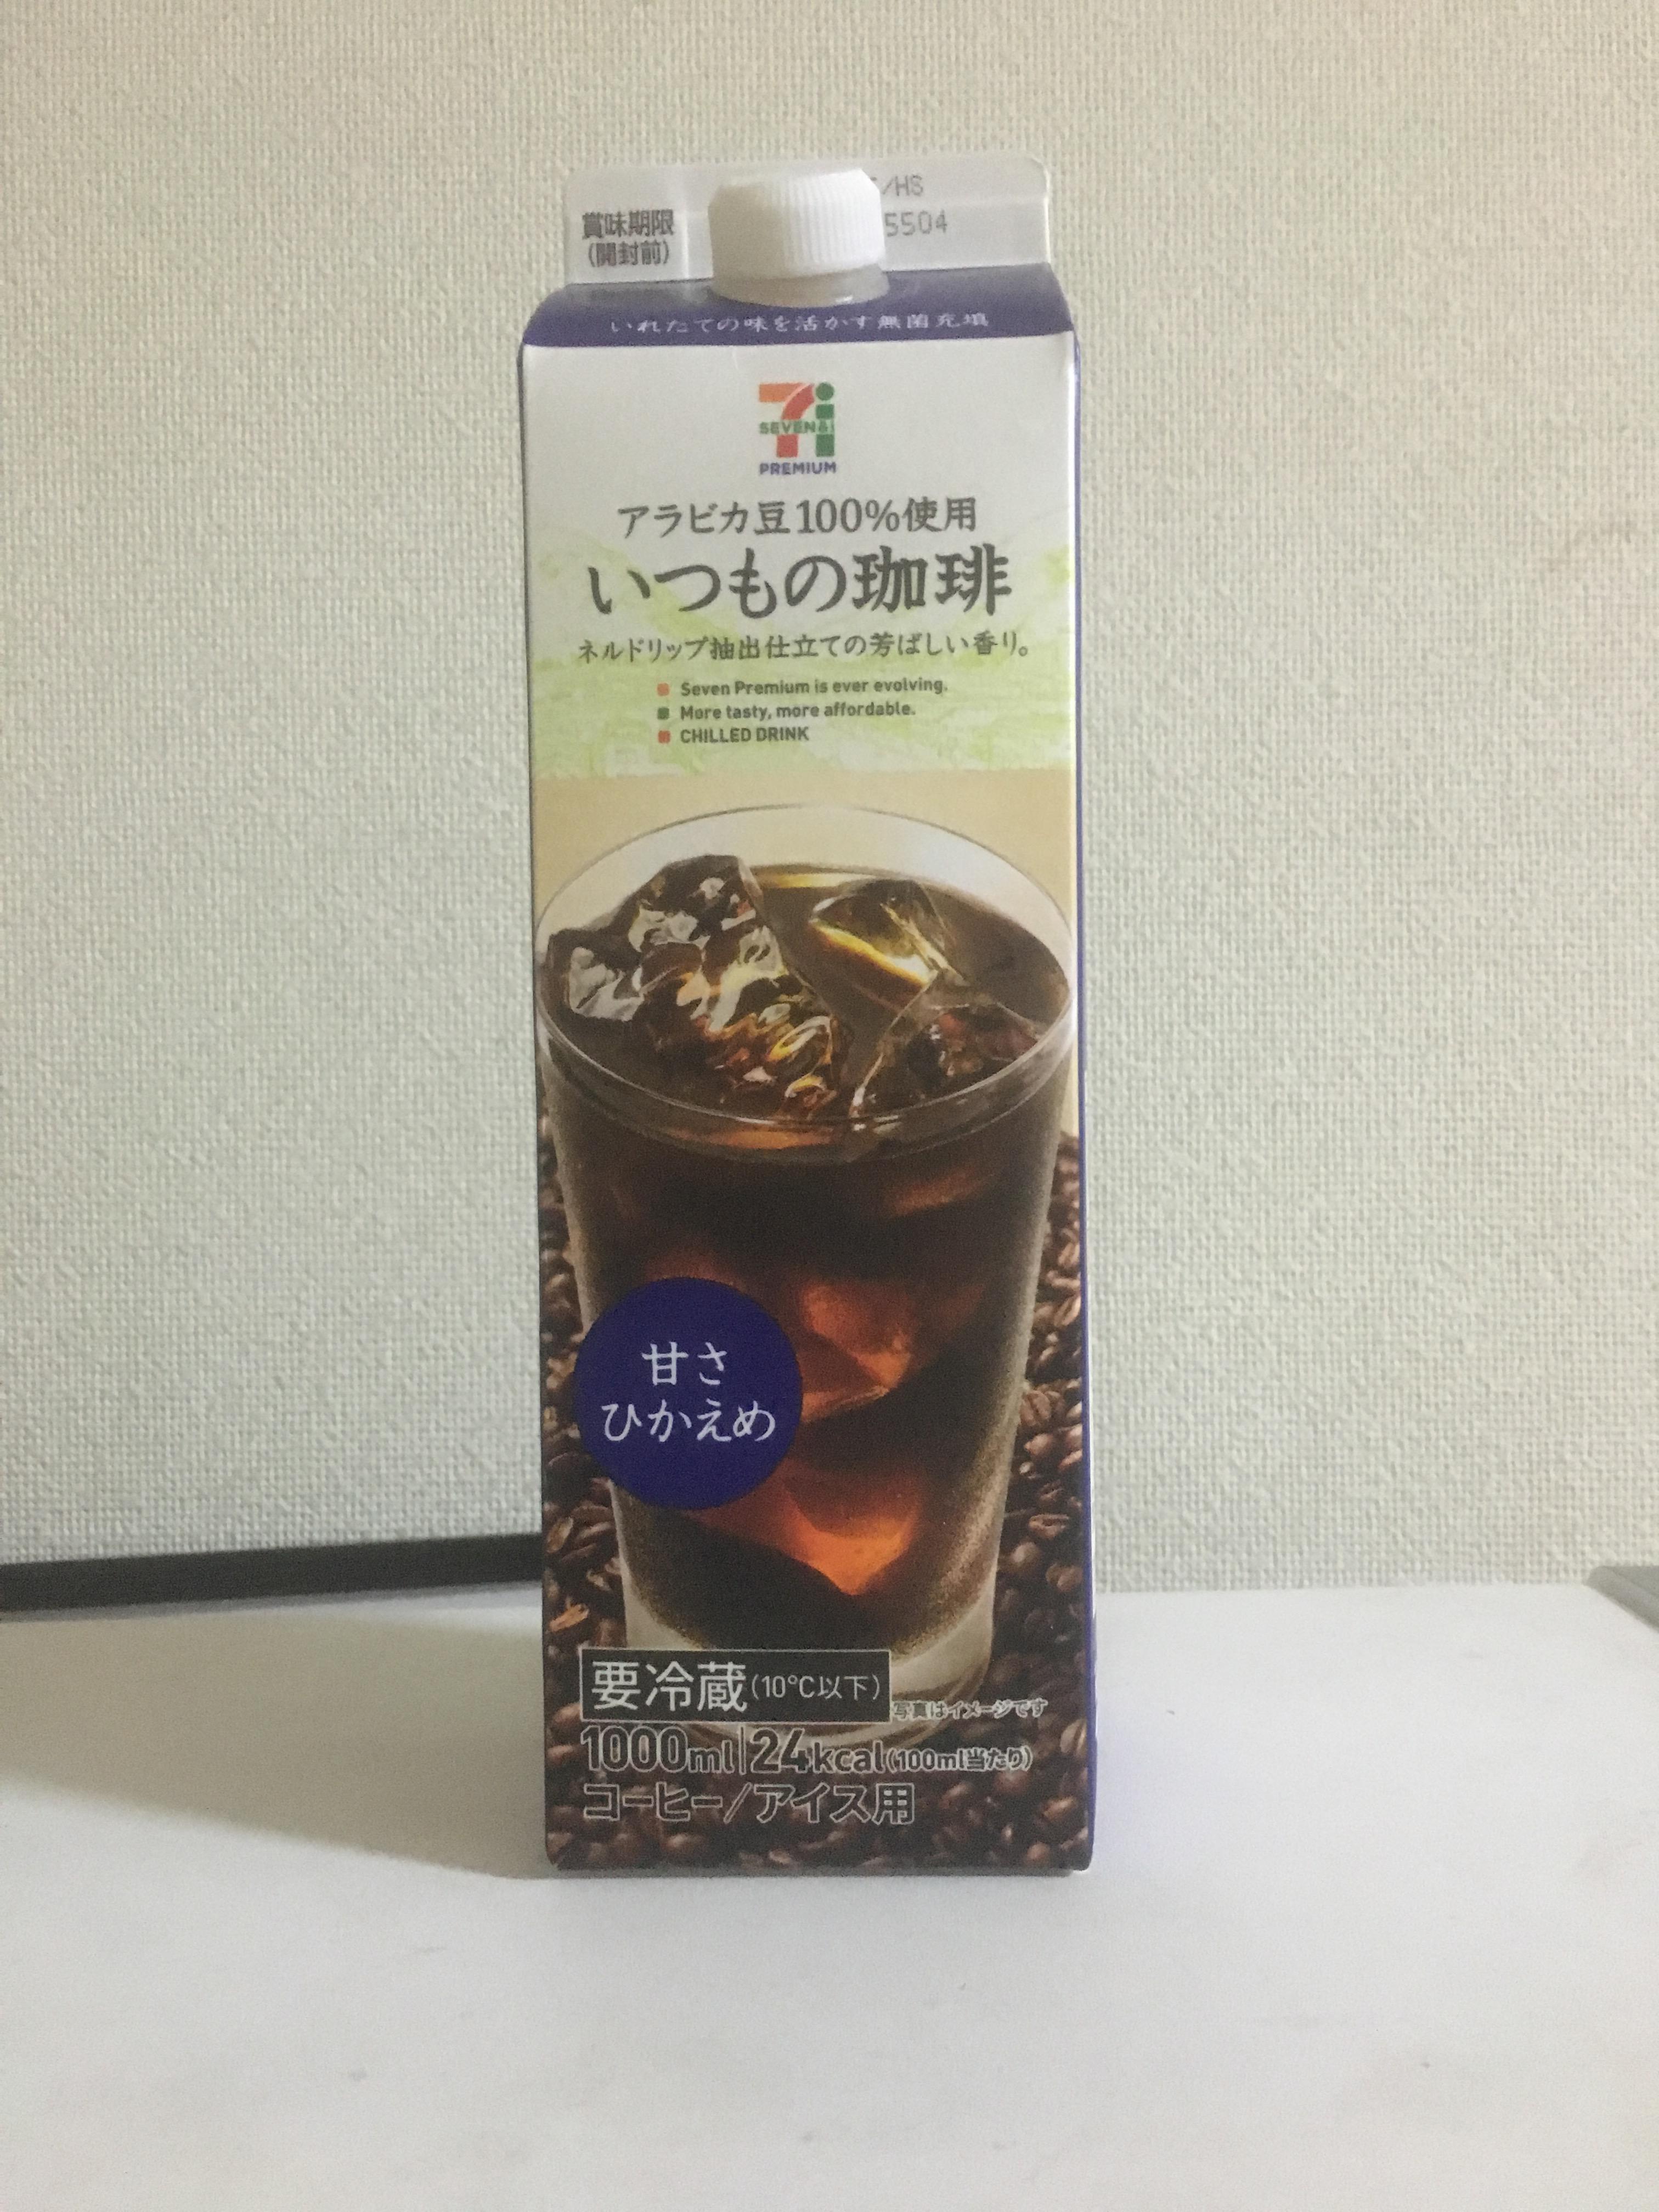 アイスコーヒーのシーズンも終わりに近づいているが、今シーズン美味しいと思ったアイスコーヒー!!